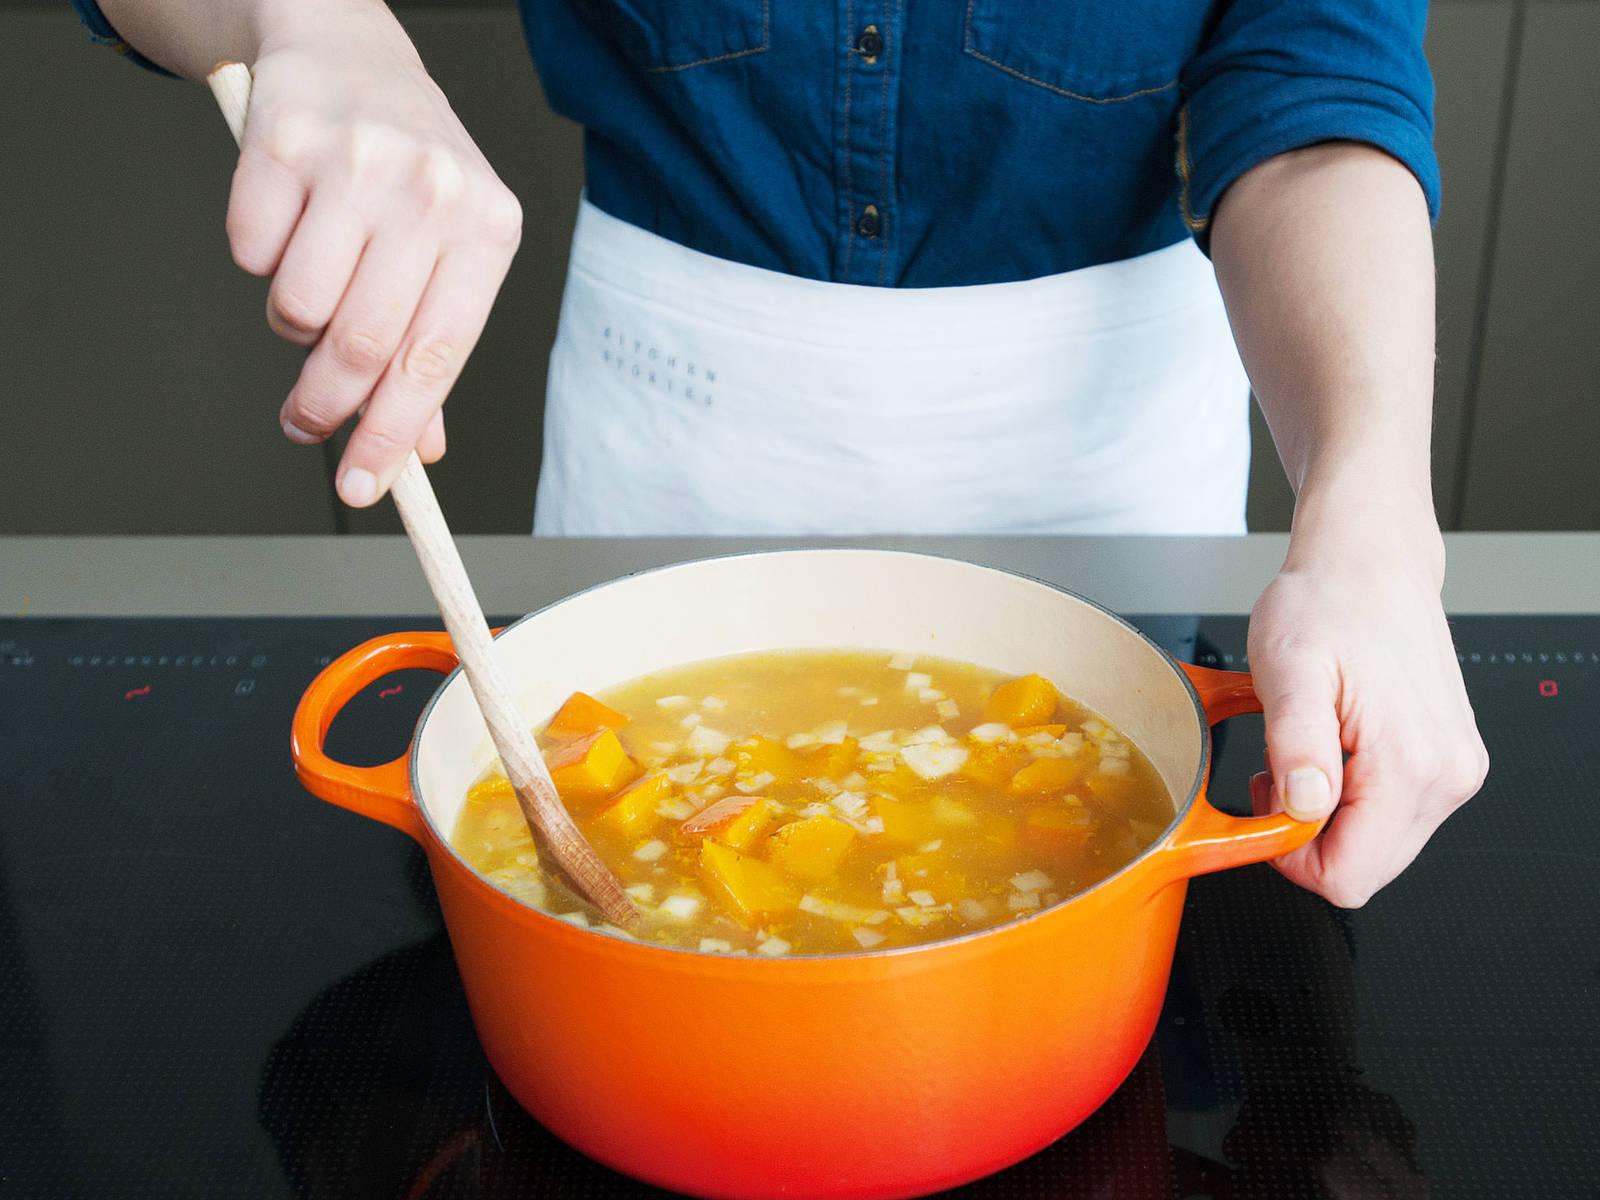 Gemüsebrühe in einem großen Topf erhitzen. Gegarte Kürbisstücke, Zwiebel und Knoblauch sowie Orangensaft und –abrieb hinzugeben. Glatt pürieren.